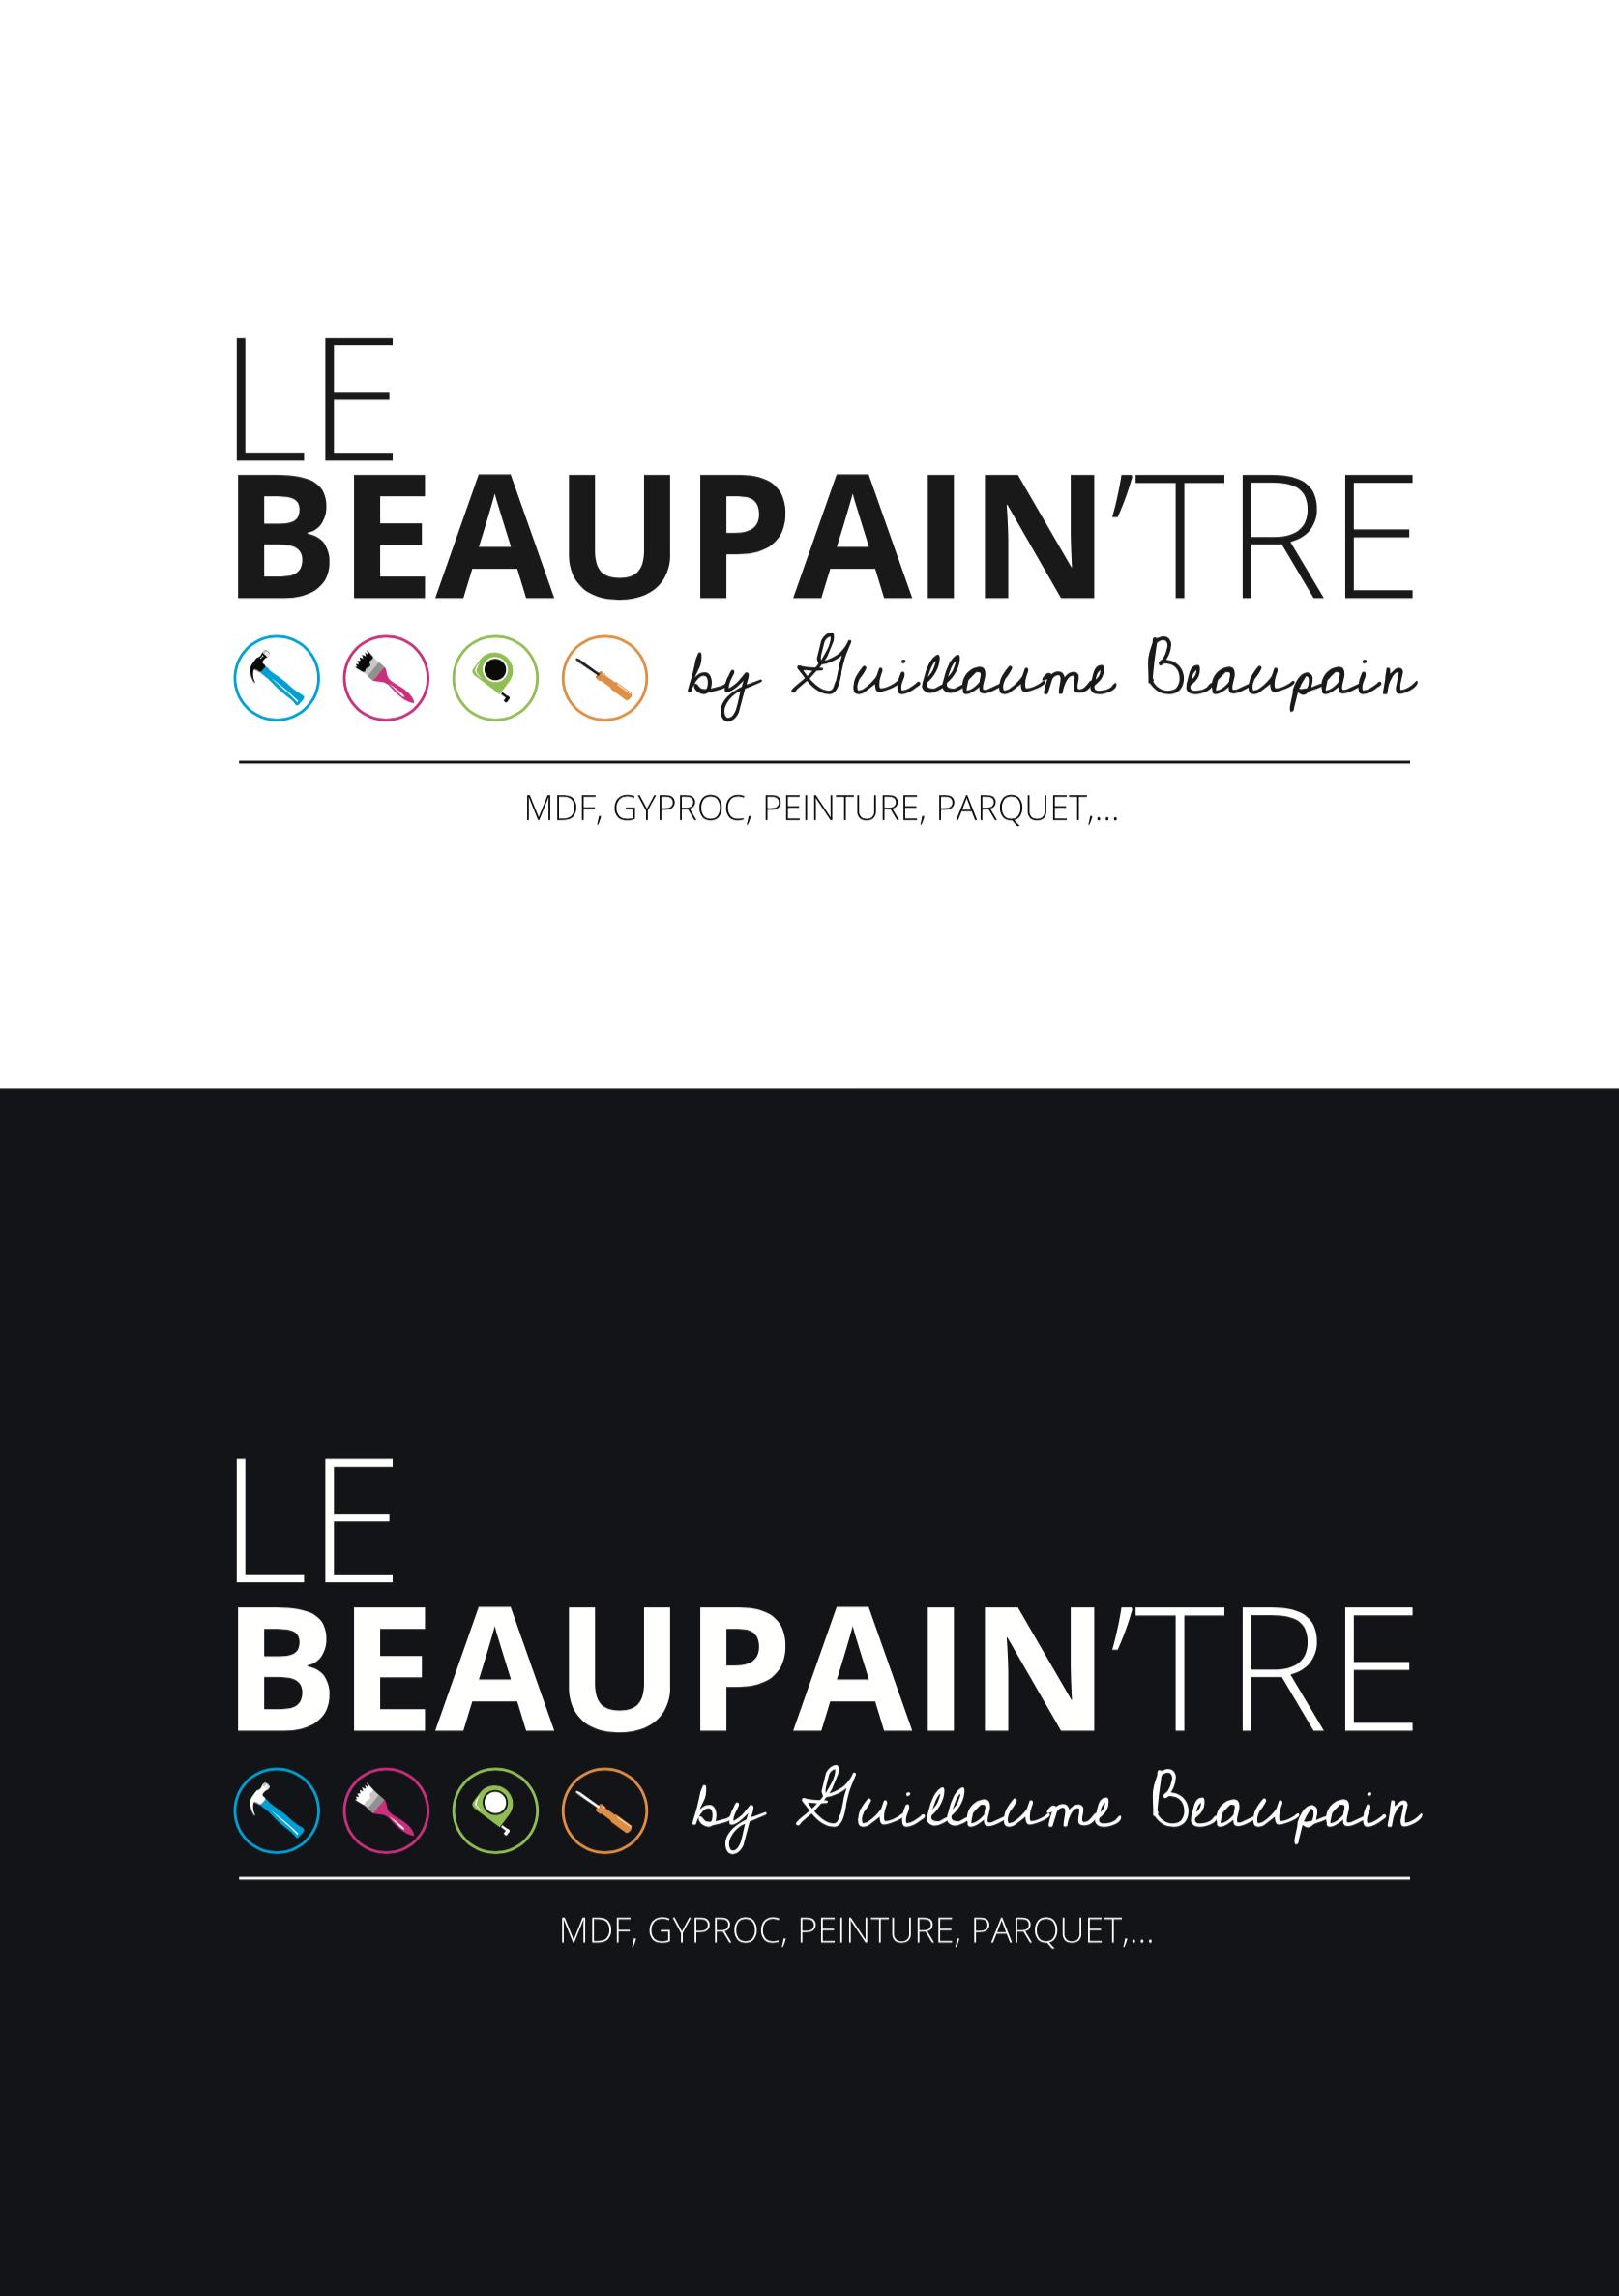 Création de l'identité visuelle le Beaupain'tre